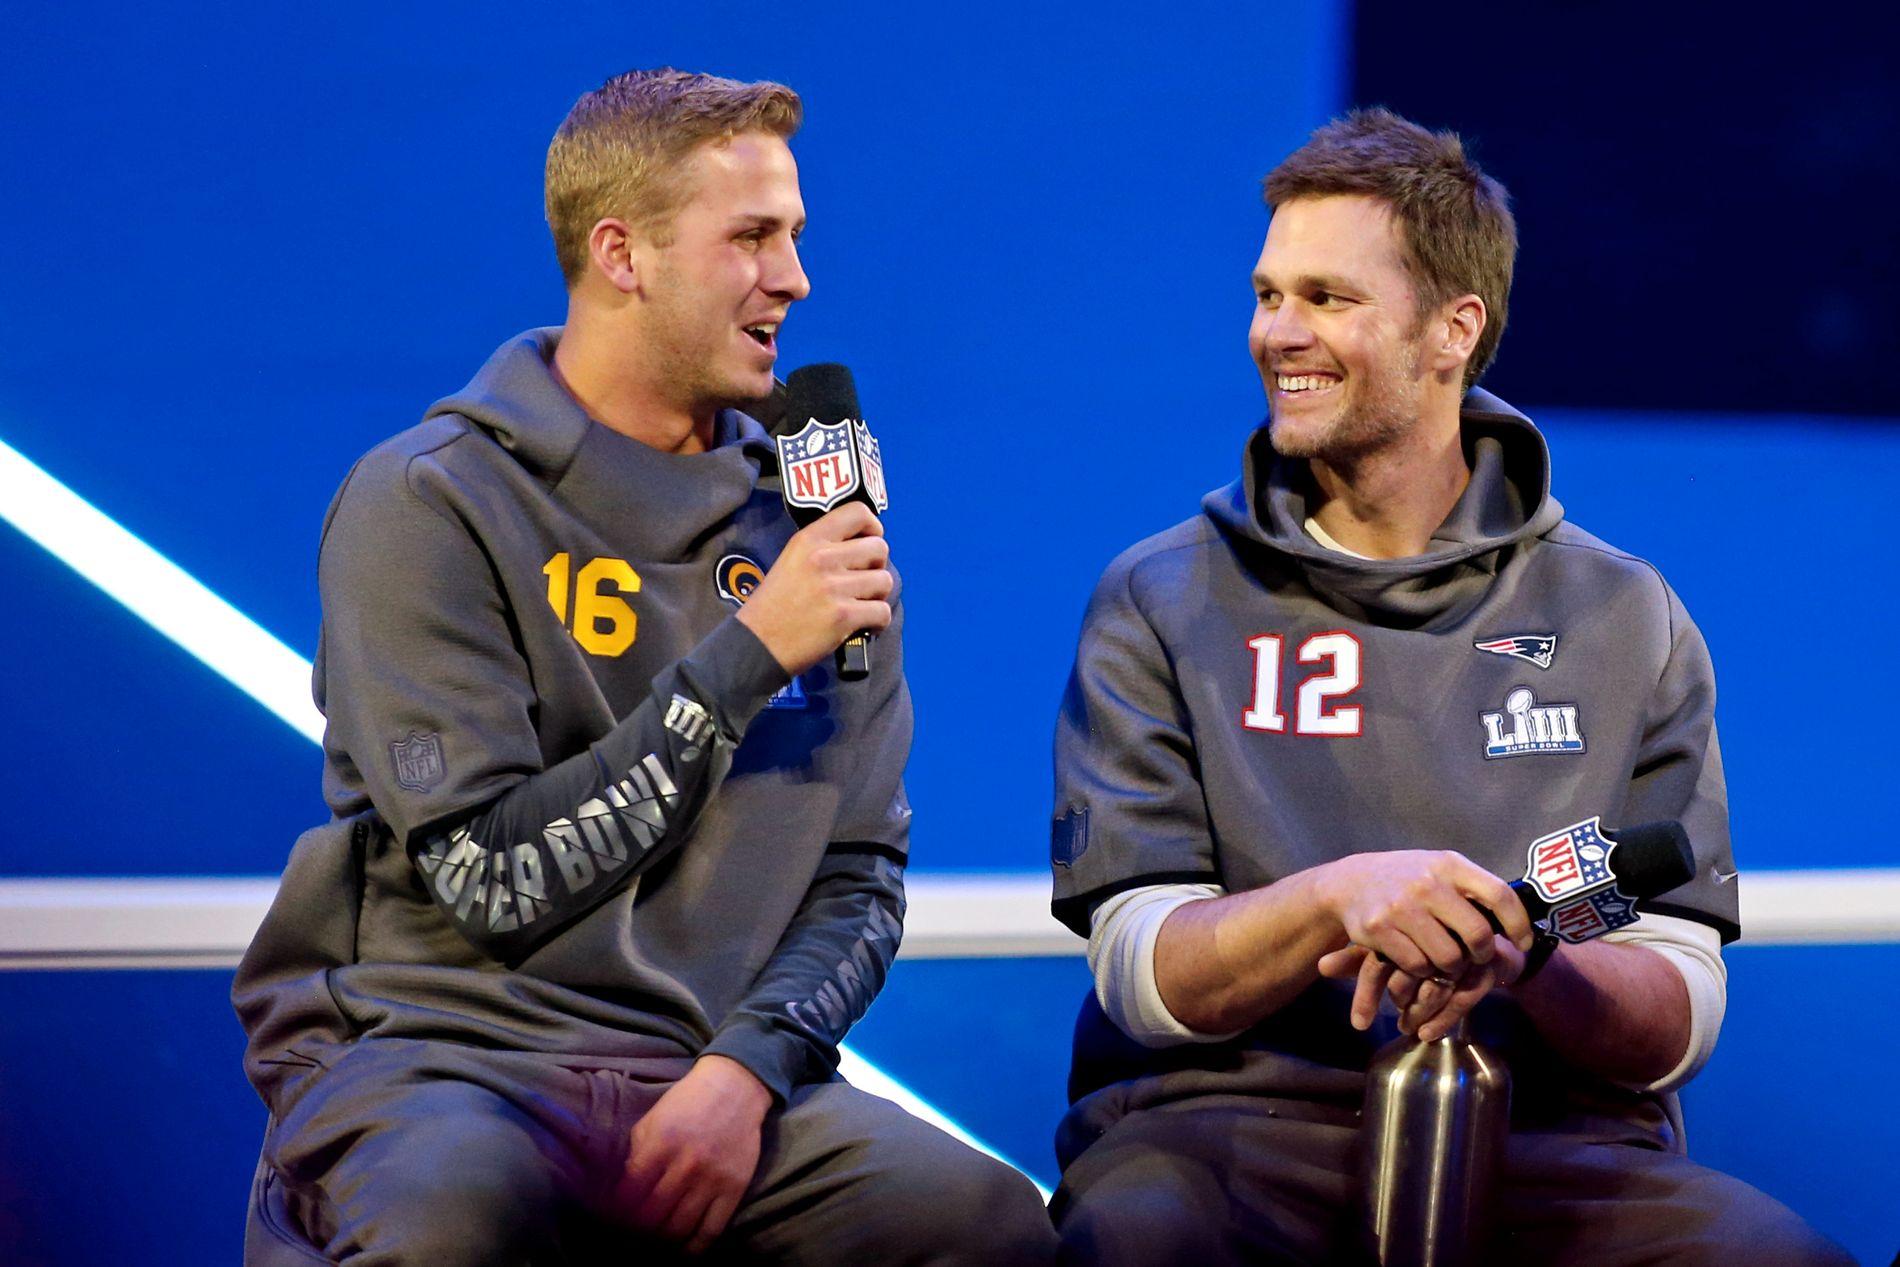 Disse to kommer til å spille hovedrollene i helgens Super Bowl. LA Rams-quarterback Jared Goff (24) og New England Patriots' Tom Brady (41).